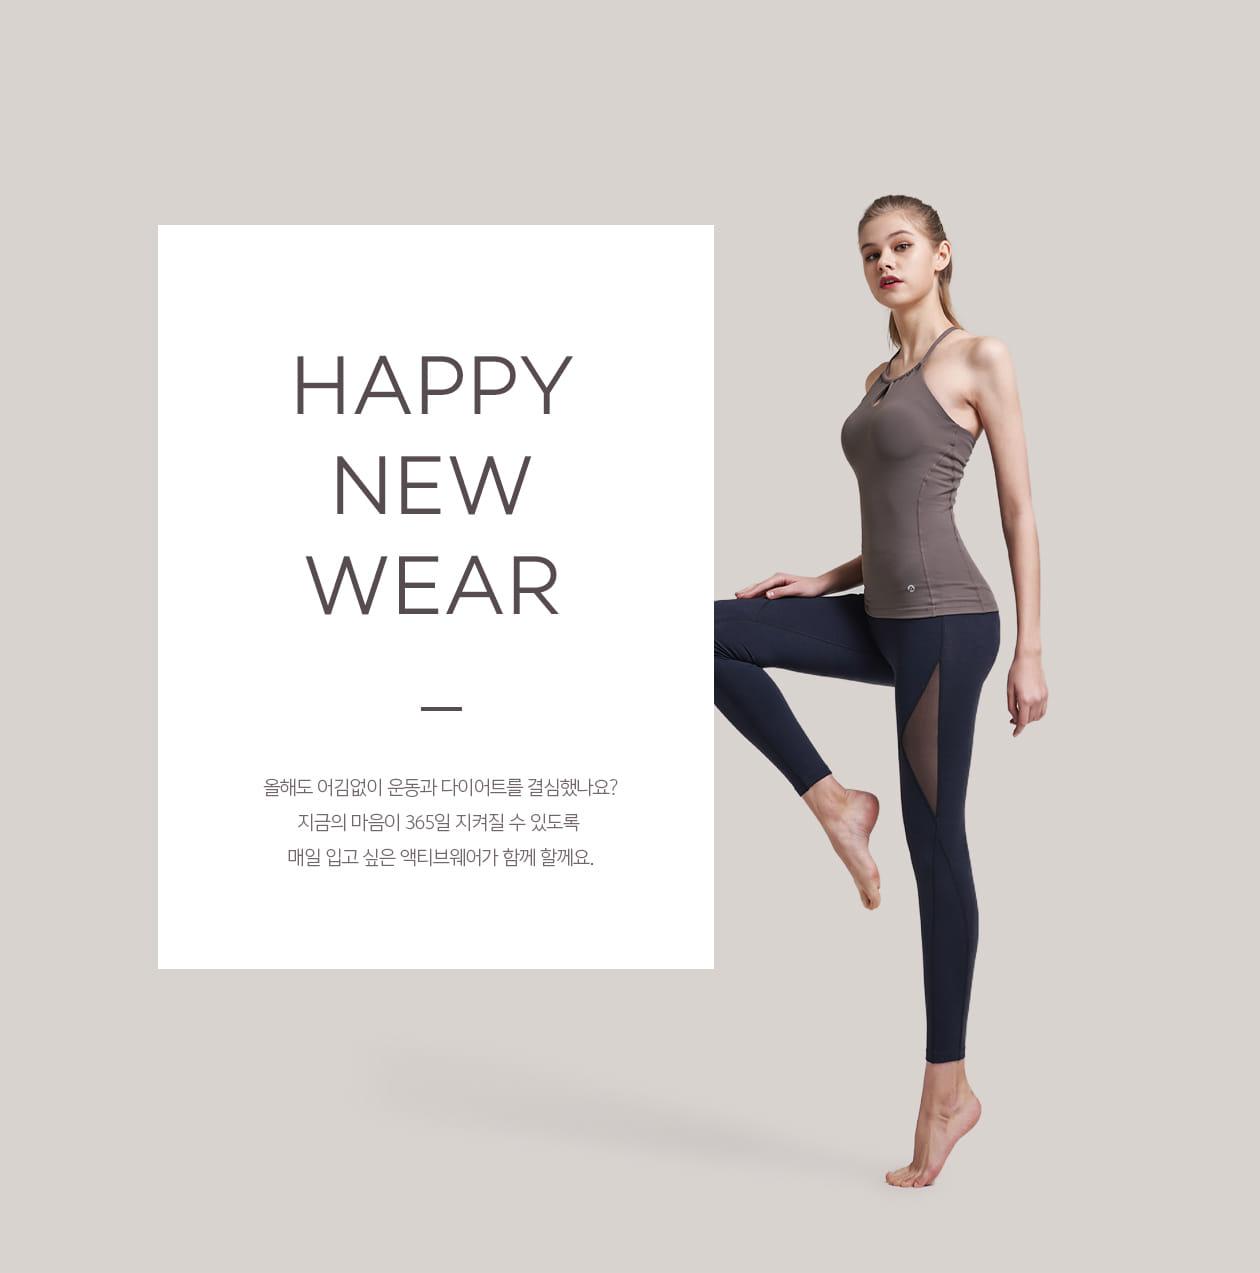 Happy New Wear 올해도 어김없이 운동과 다이어트를 결심했나요? 지금의 마음이 365일 지켜질 수 있도록 매일 입고 싶은 액티브웨어가 함께 할게요